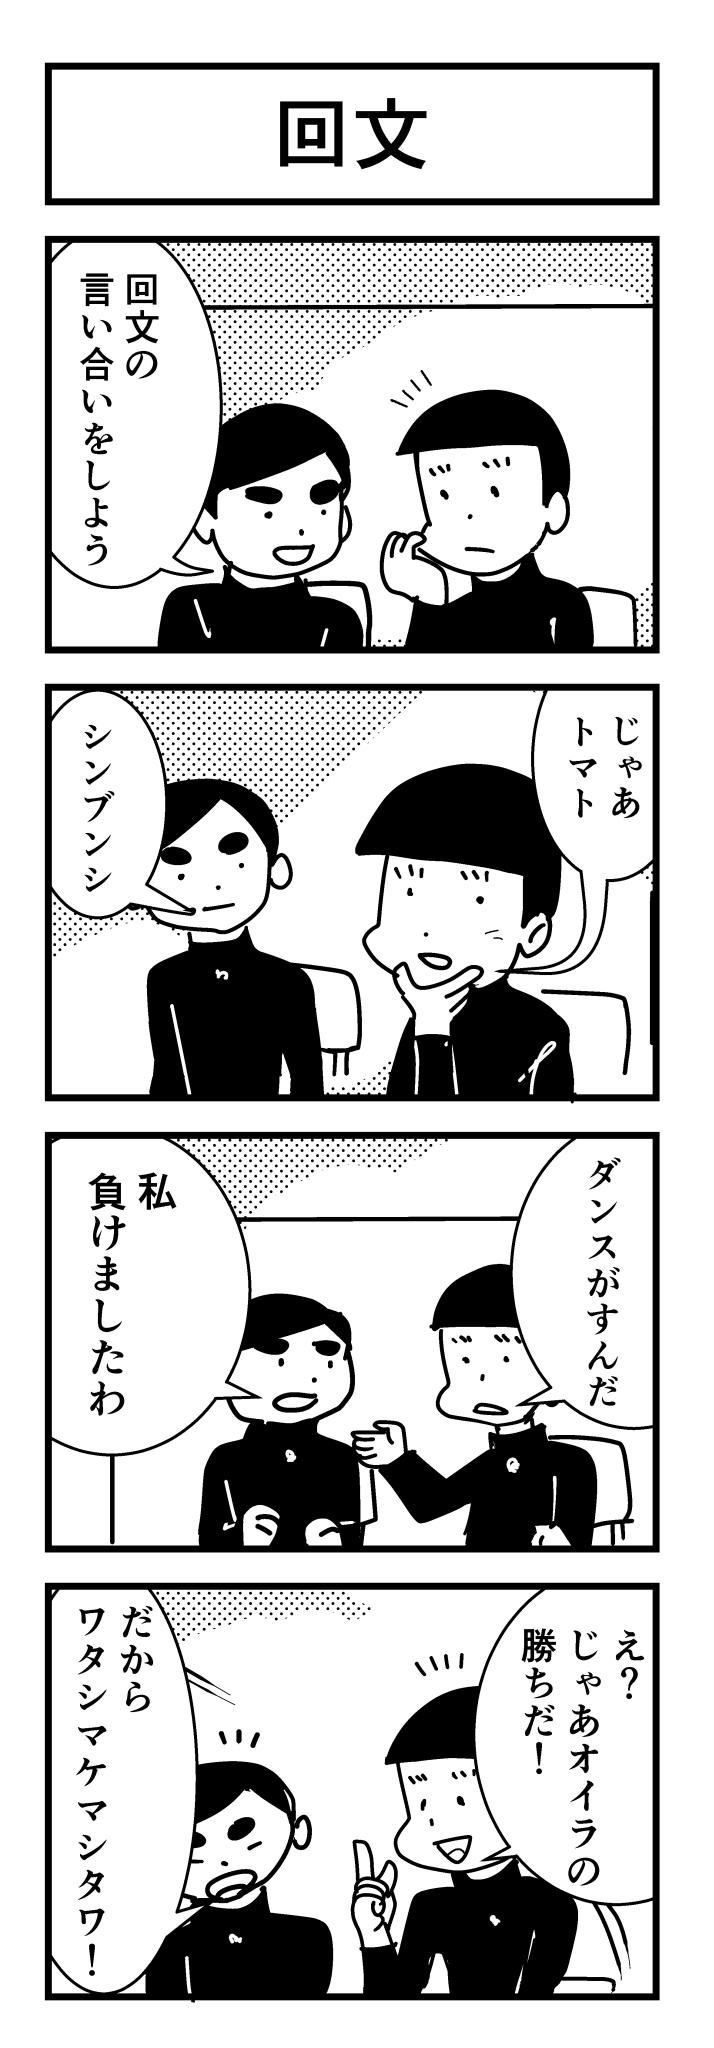 マー坊 第1集